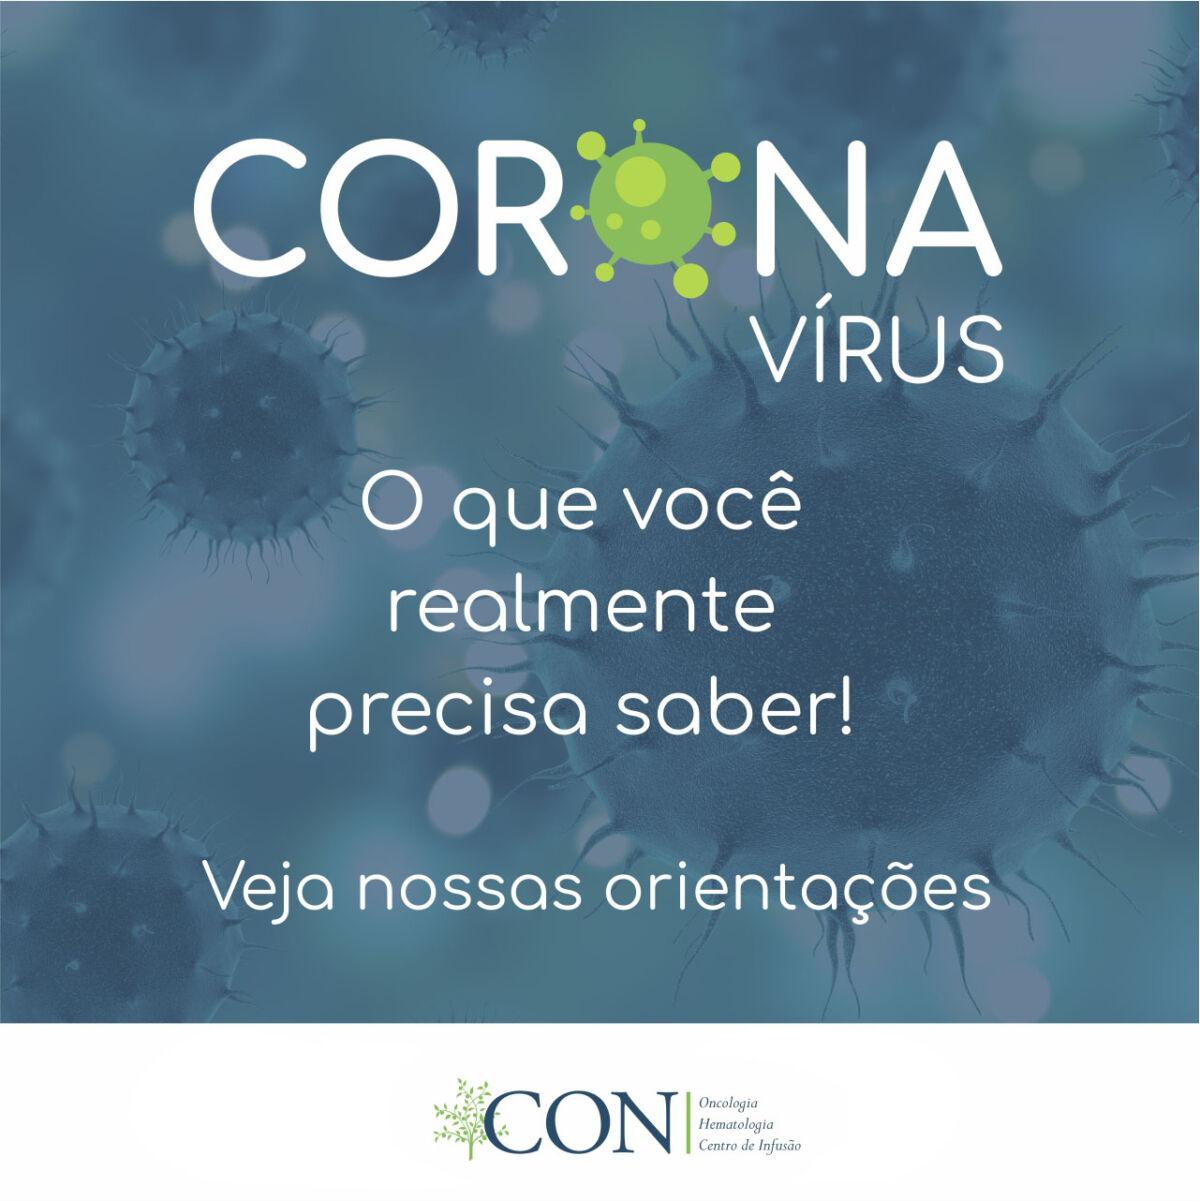 informe-do-con-em-relacao-a-pandemia-pelo-novo-coronavirus-covid-19-14-03-2020-1200x1201.jpeg